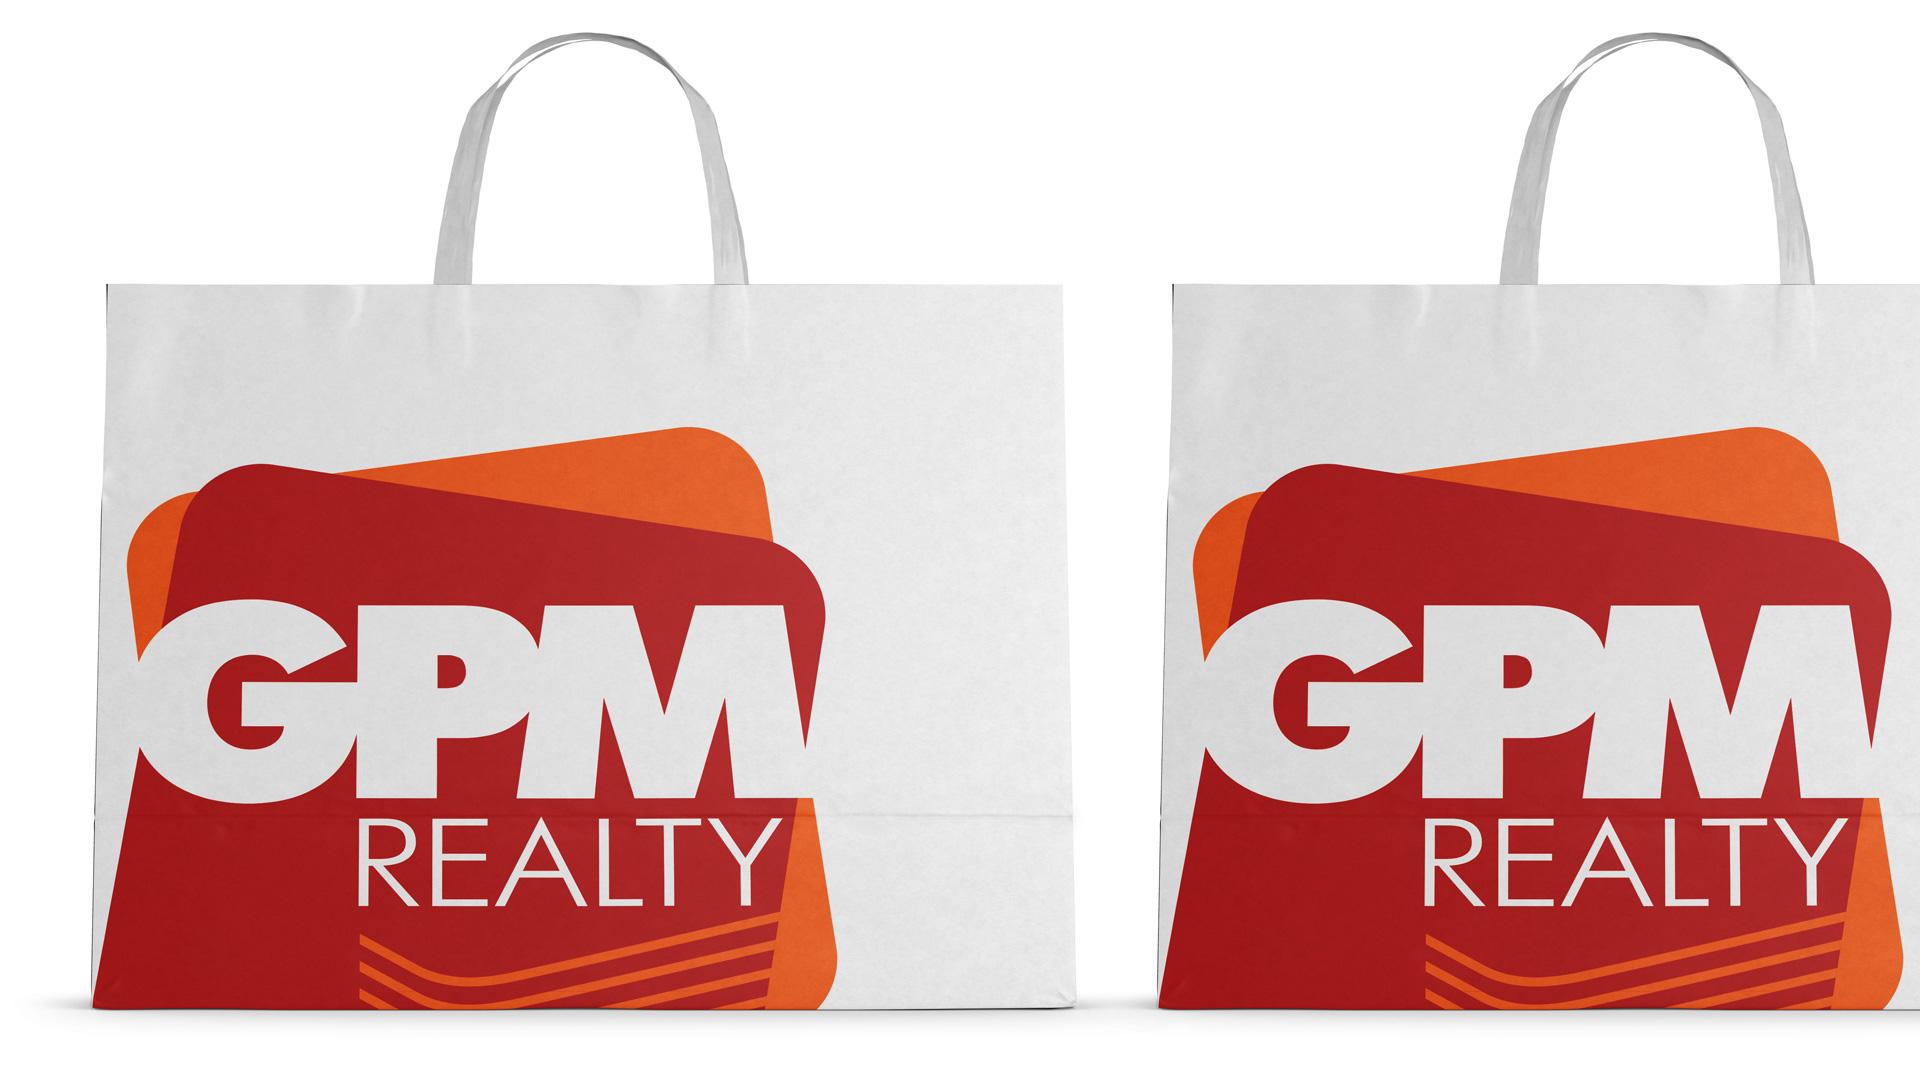 Асгард Брендинг, фирменный стиль, айдентика, дизайн упаковки, GPM Realty, корпоративные пакеты, графический дизайн, брендинг строительной компании, реклама